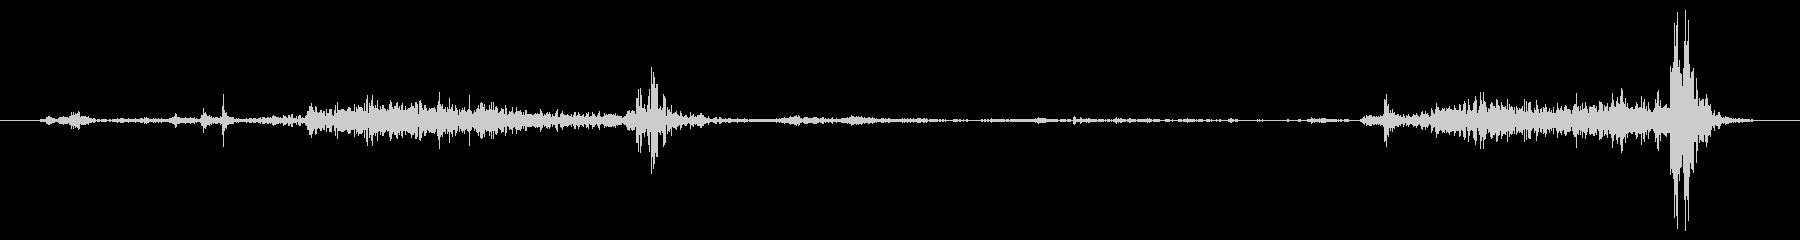 クライスラーパッセンジャーバン:I...の未再生の波形